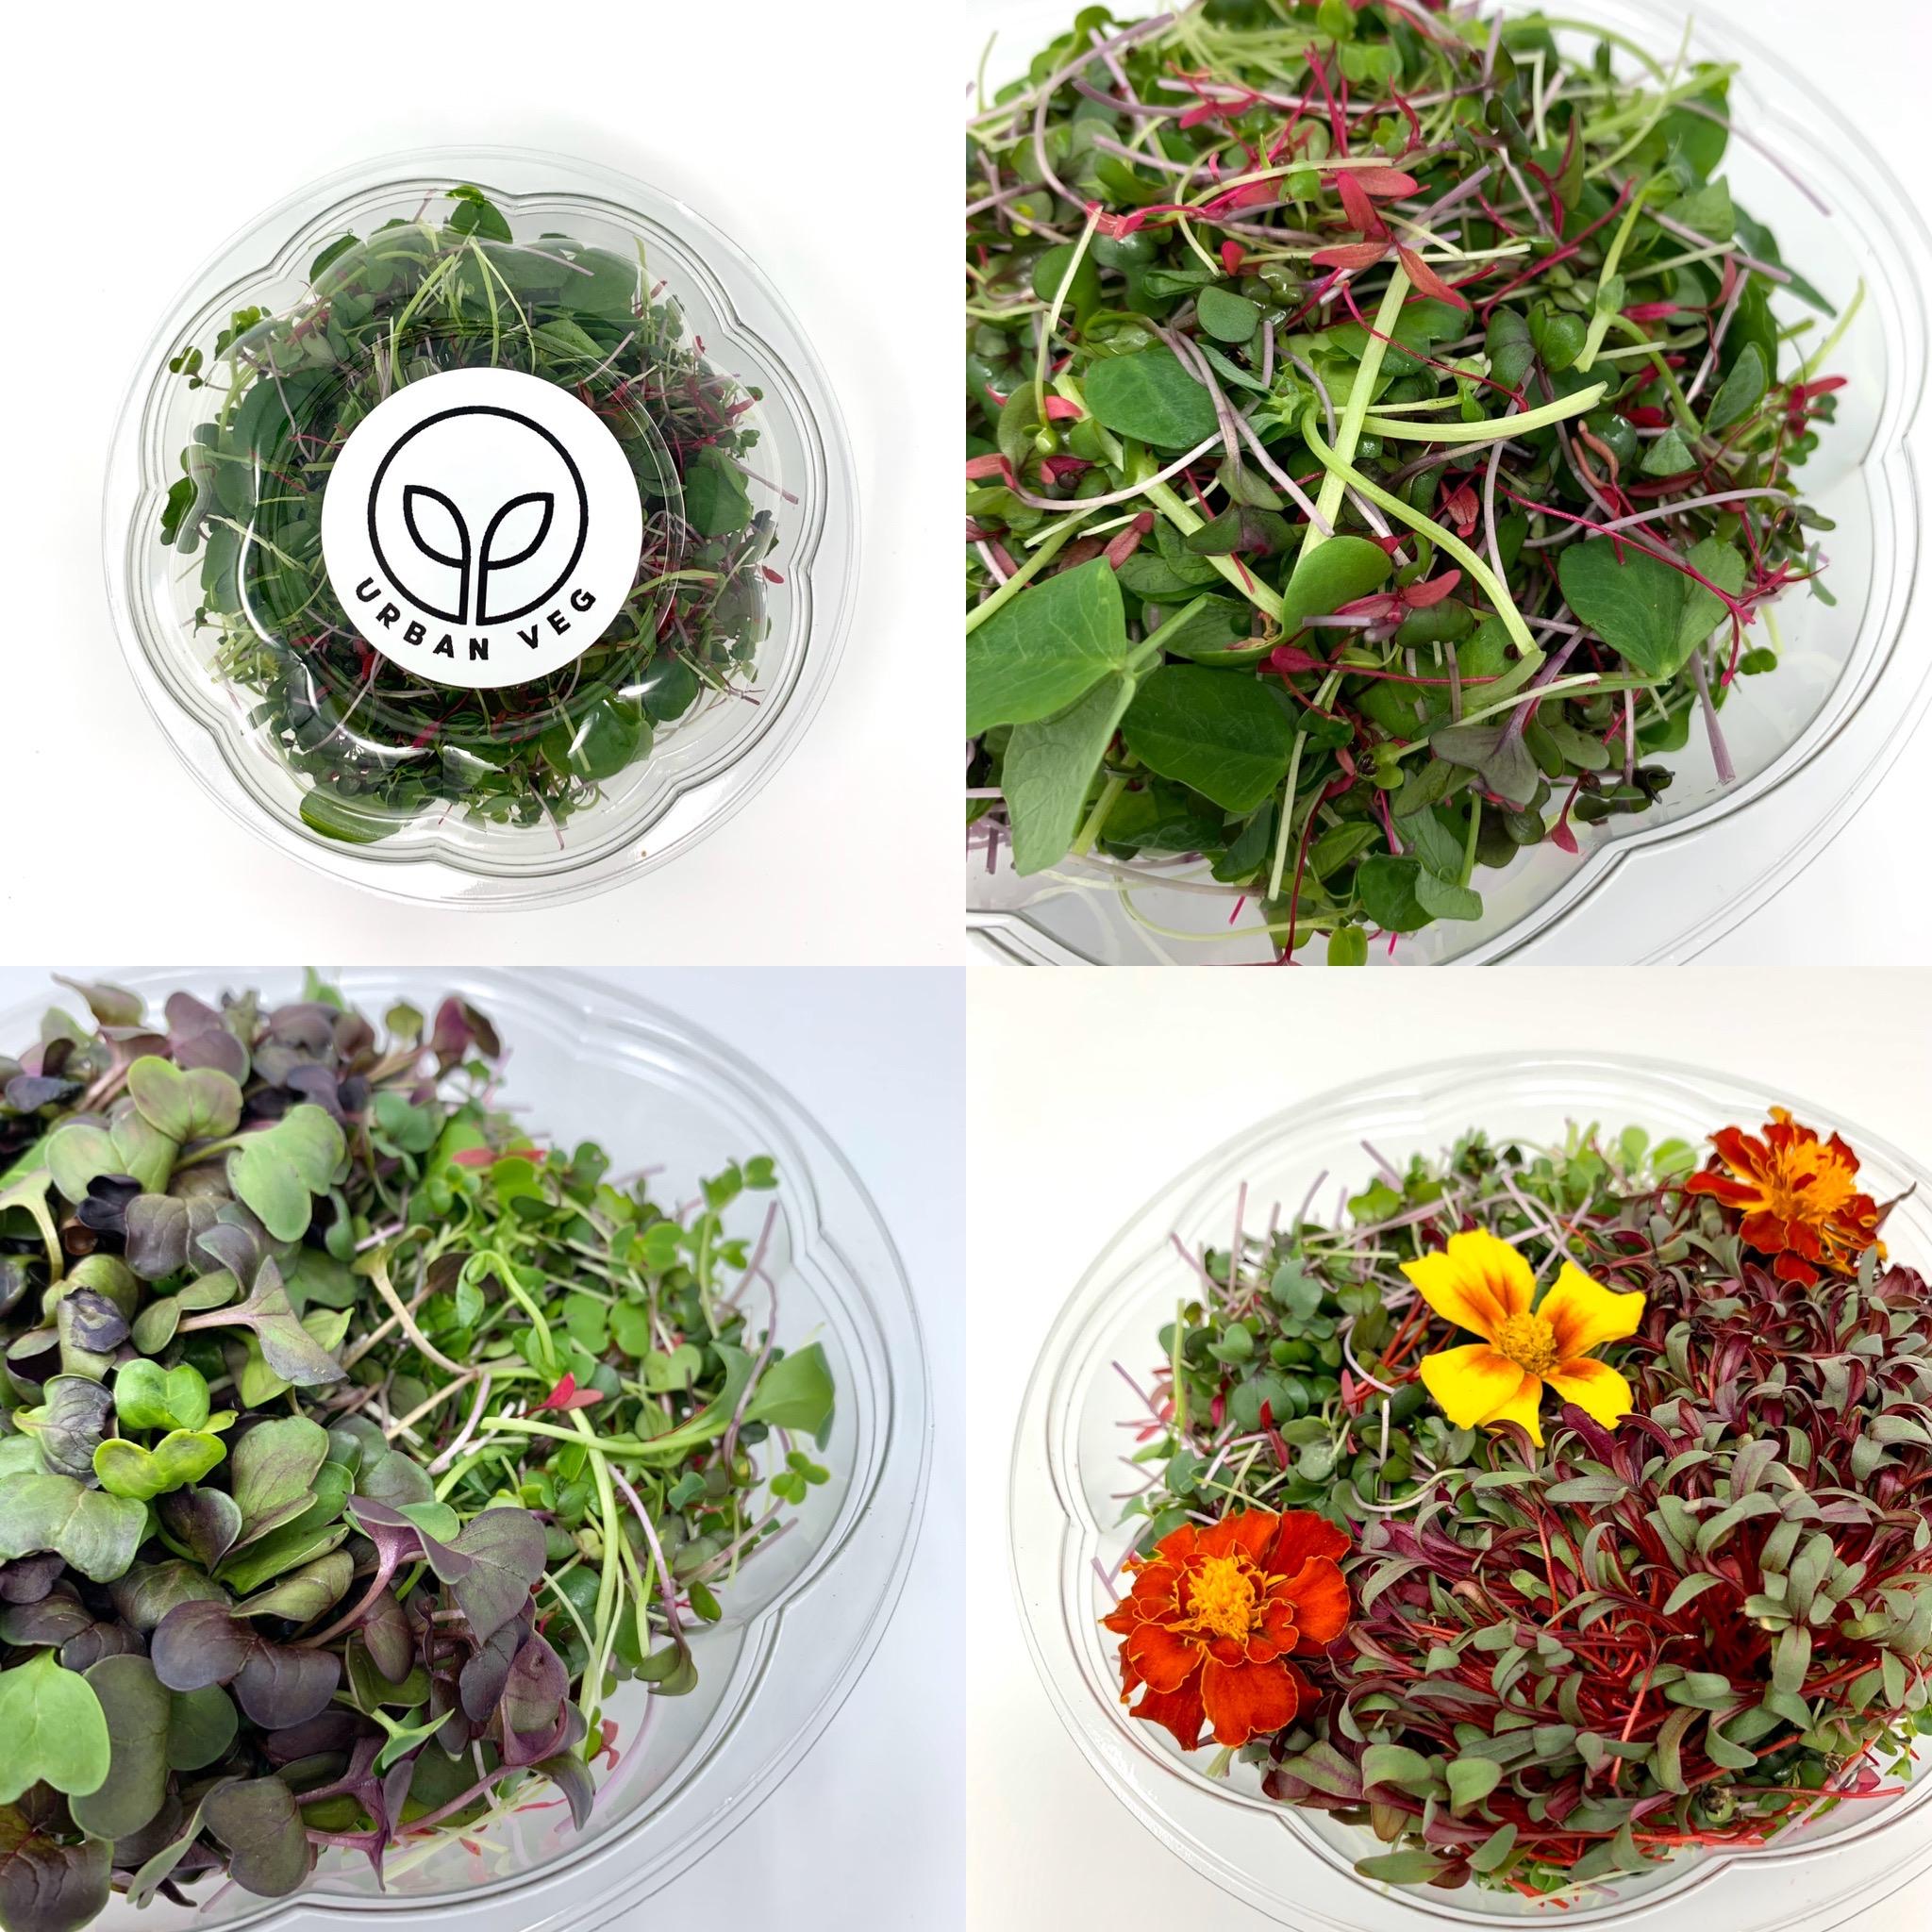 Large Superfood Salad Bowl